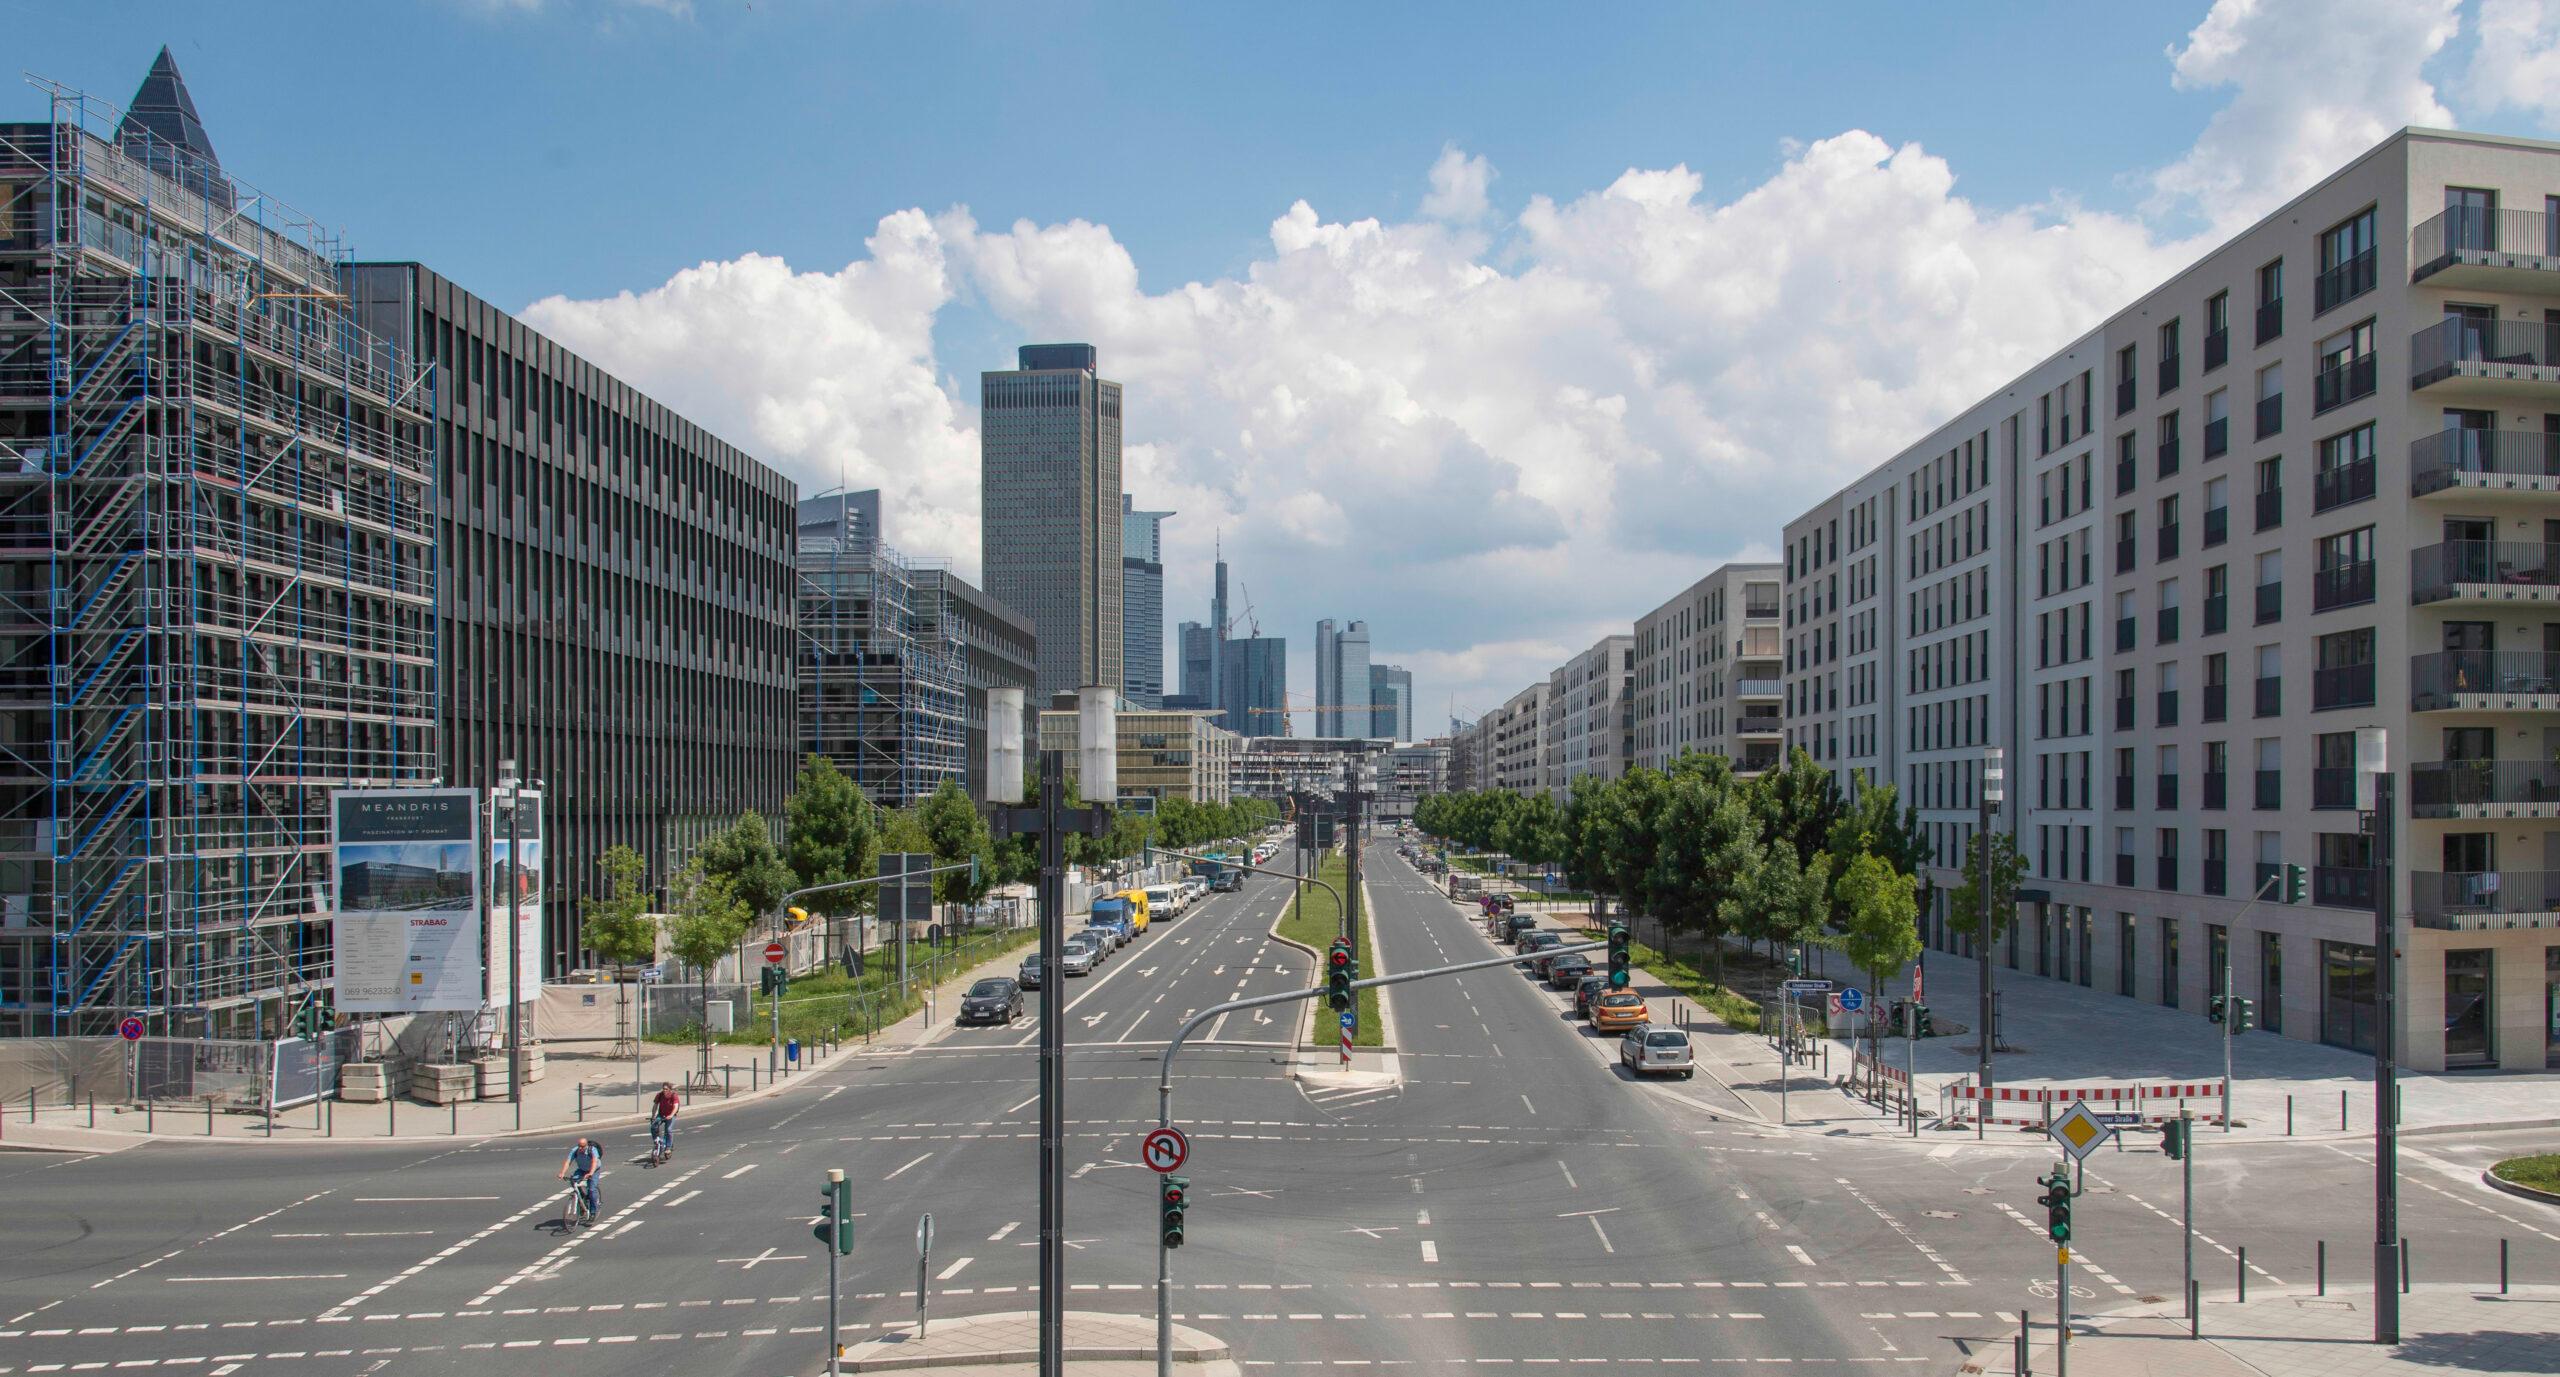 Europaviertel Kreuzung